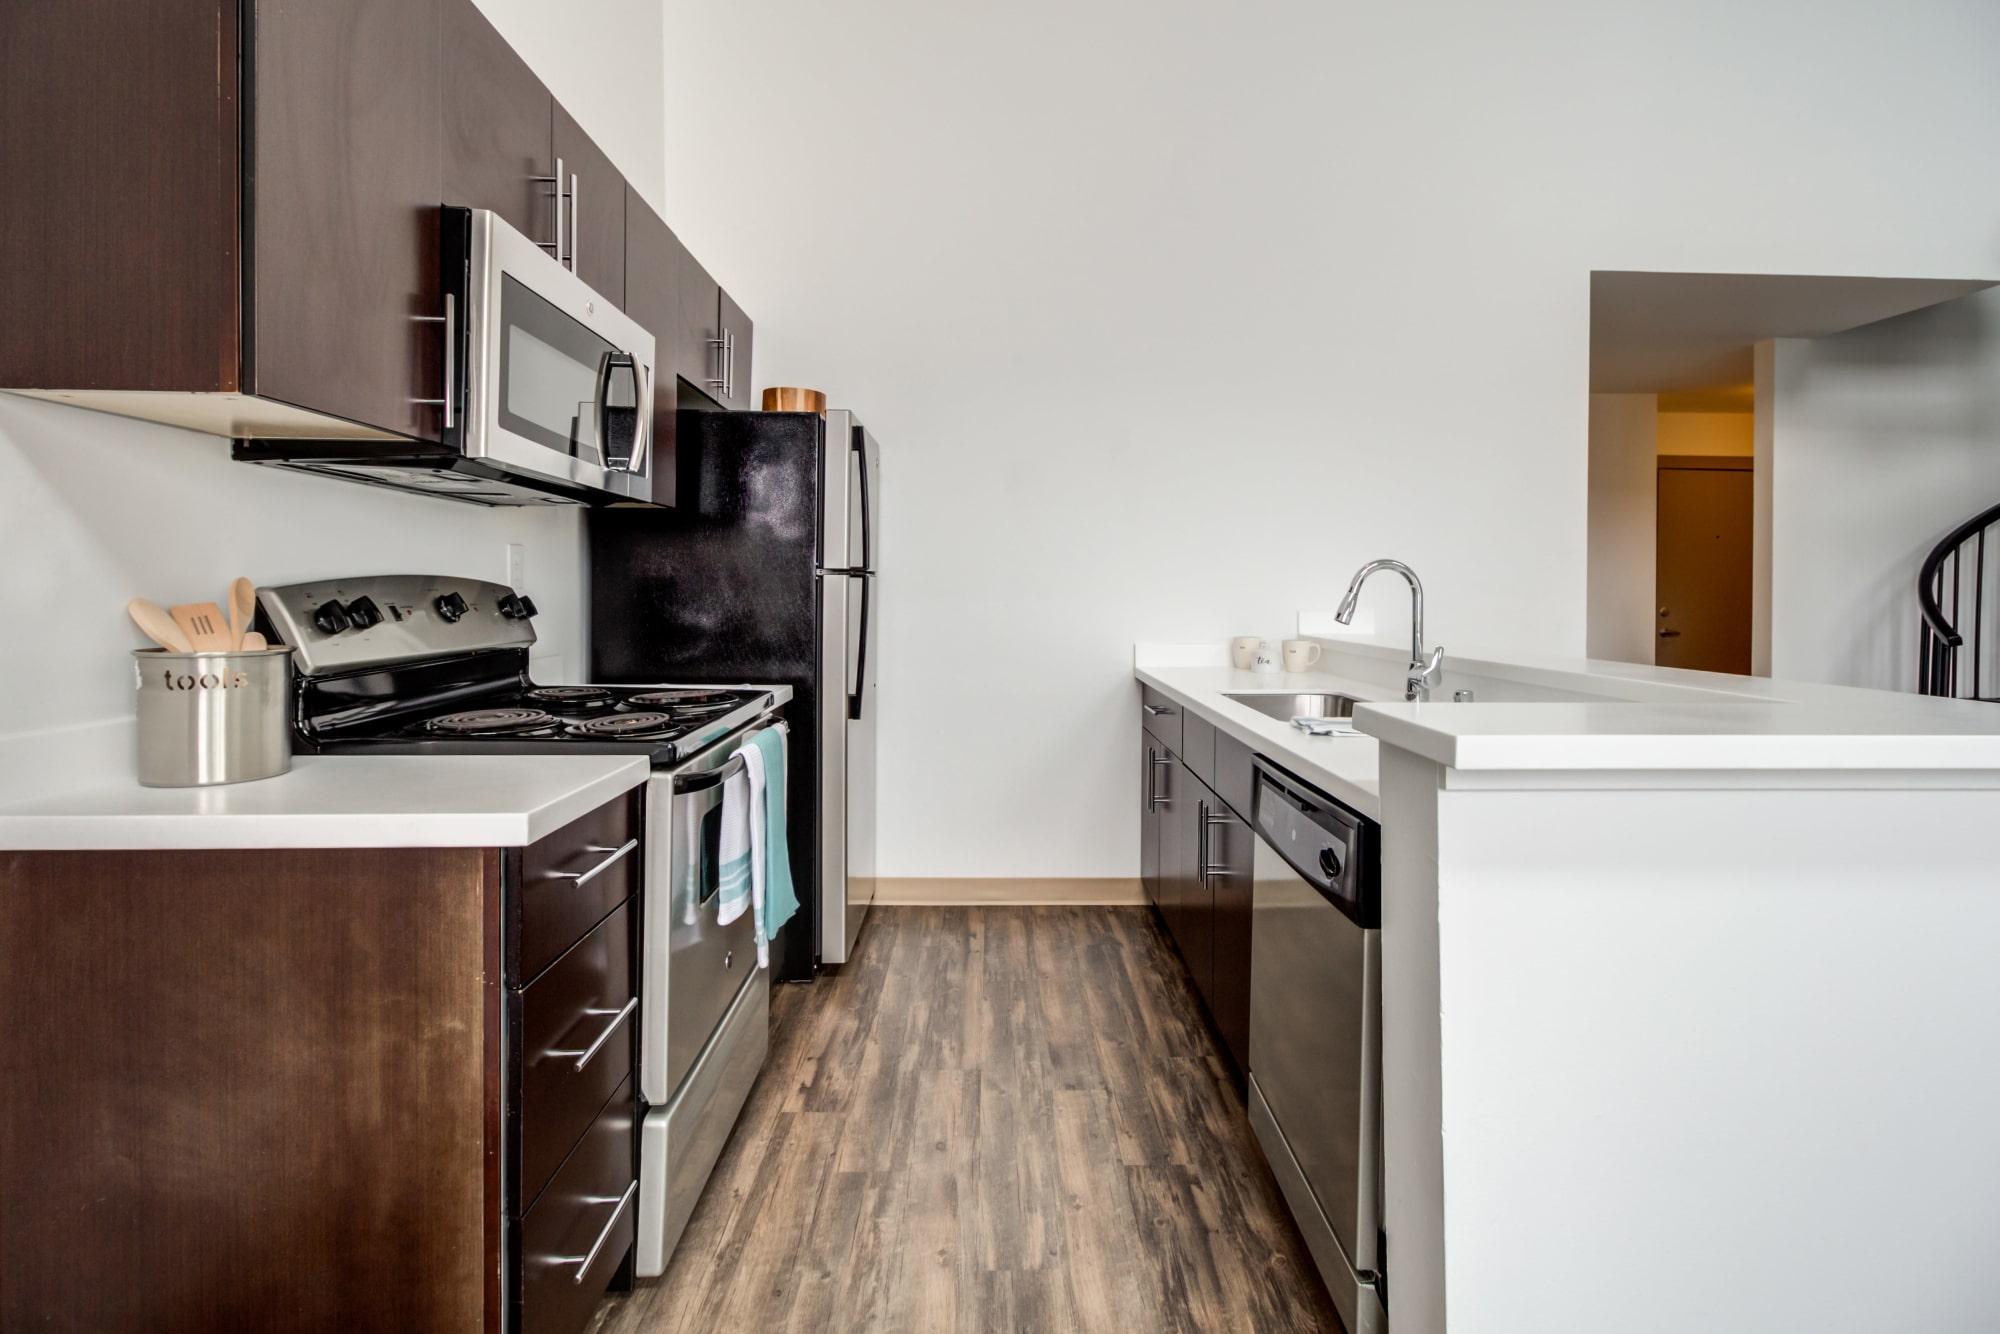 Kitchen Room at Elan 41 Apartments in Seattle, WA